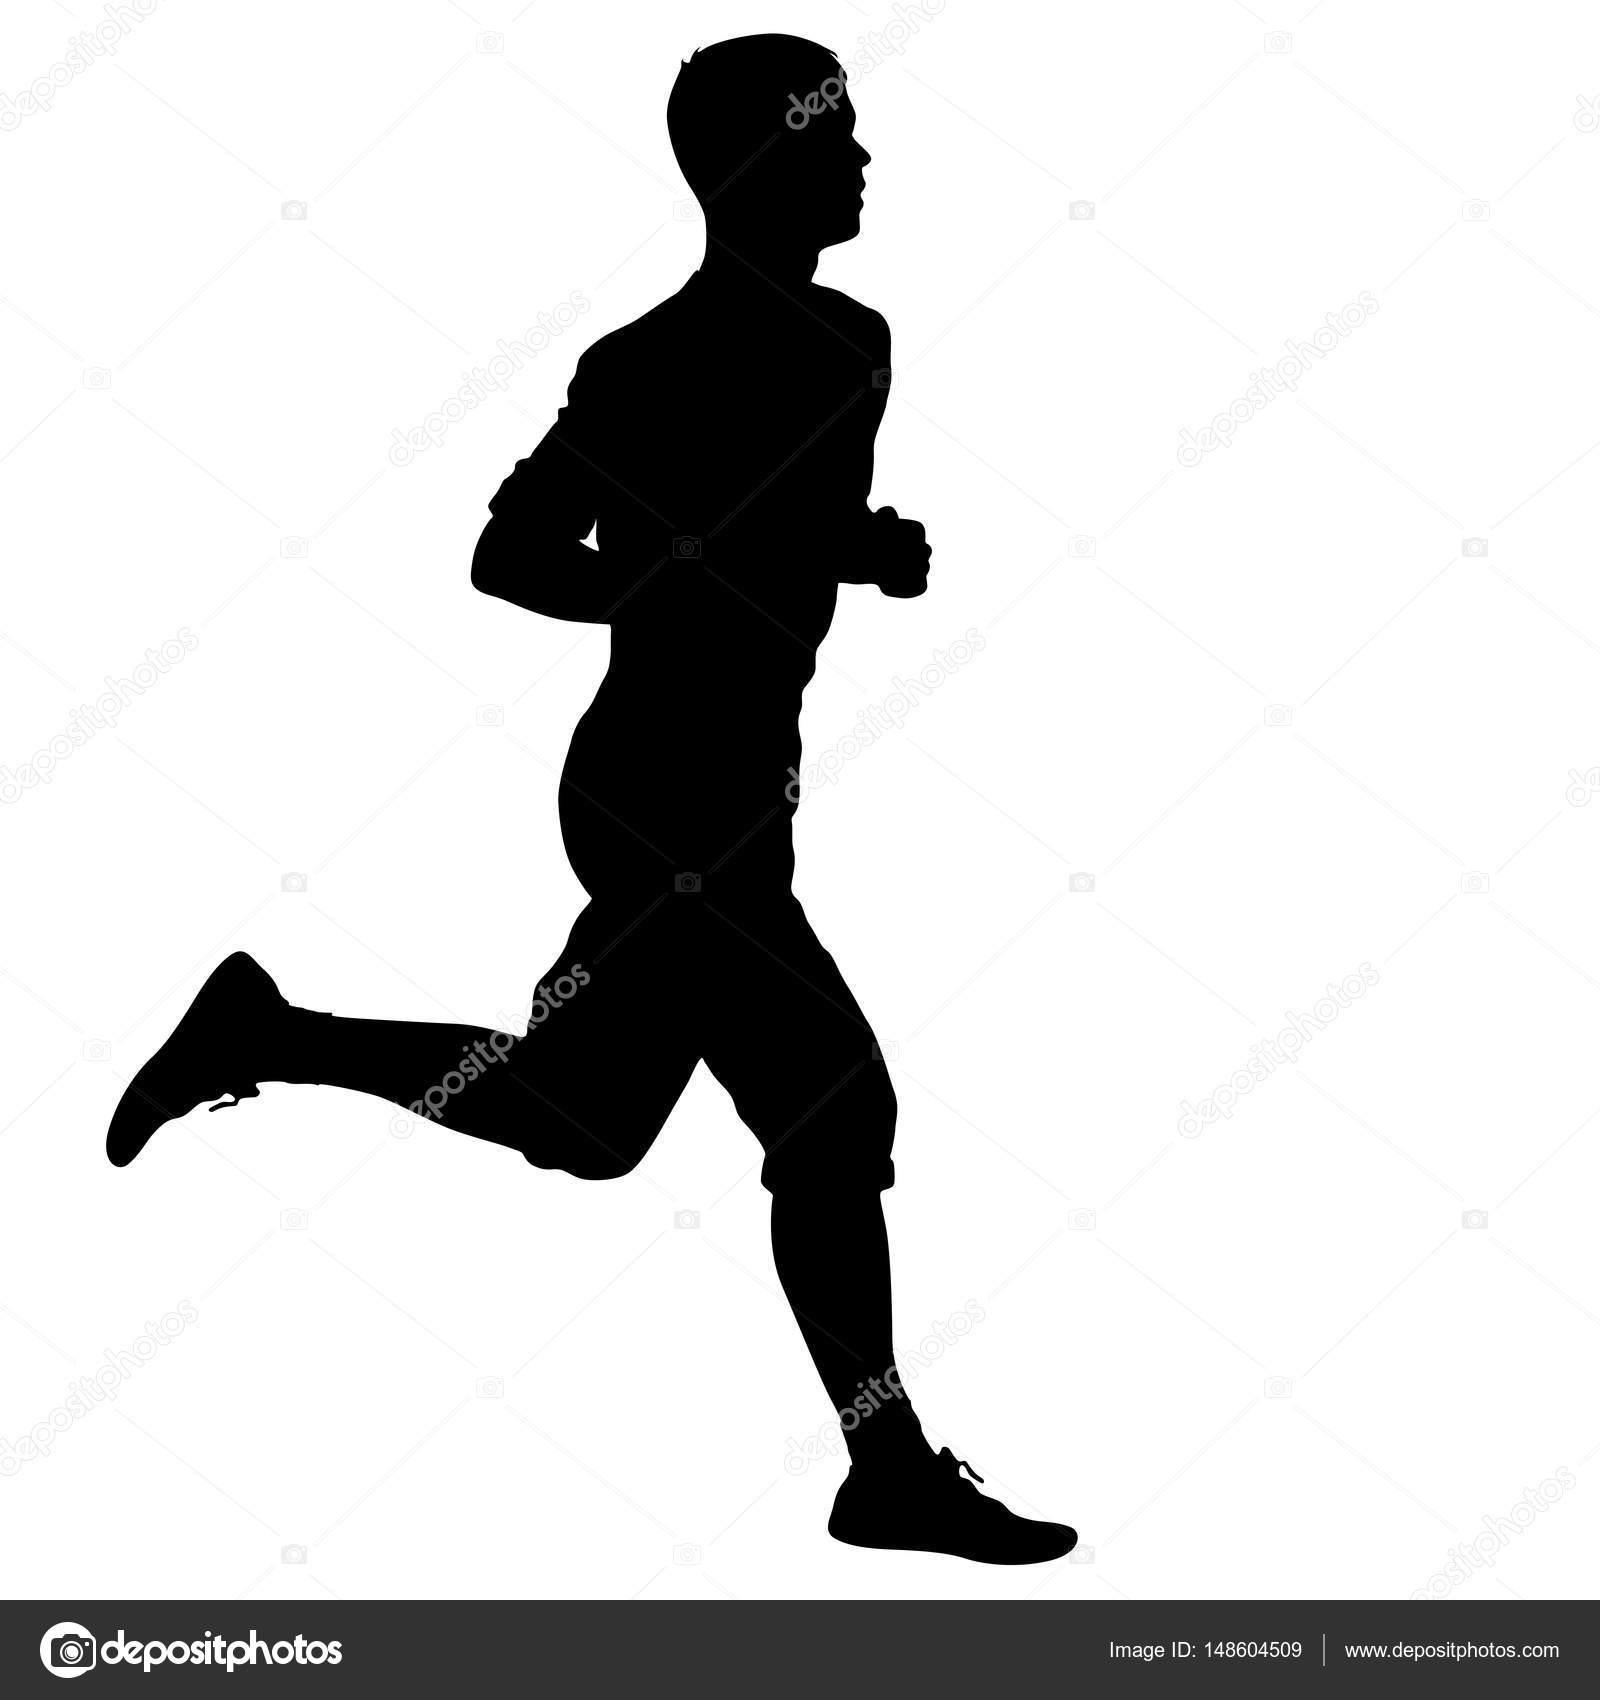 negro siluetas corredores sprint hombres sobre fondo